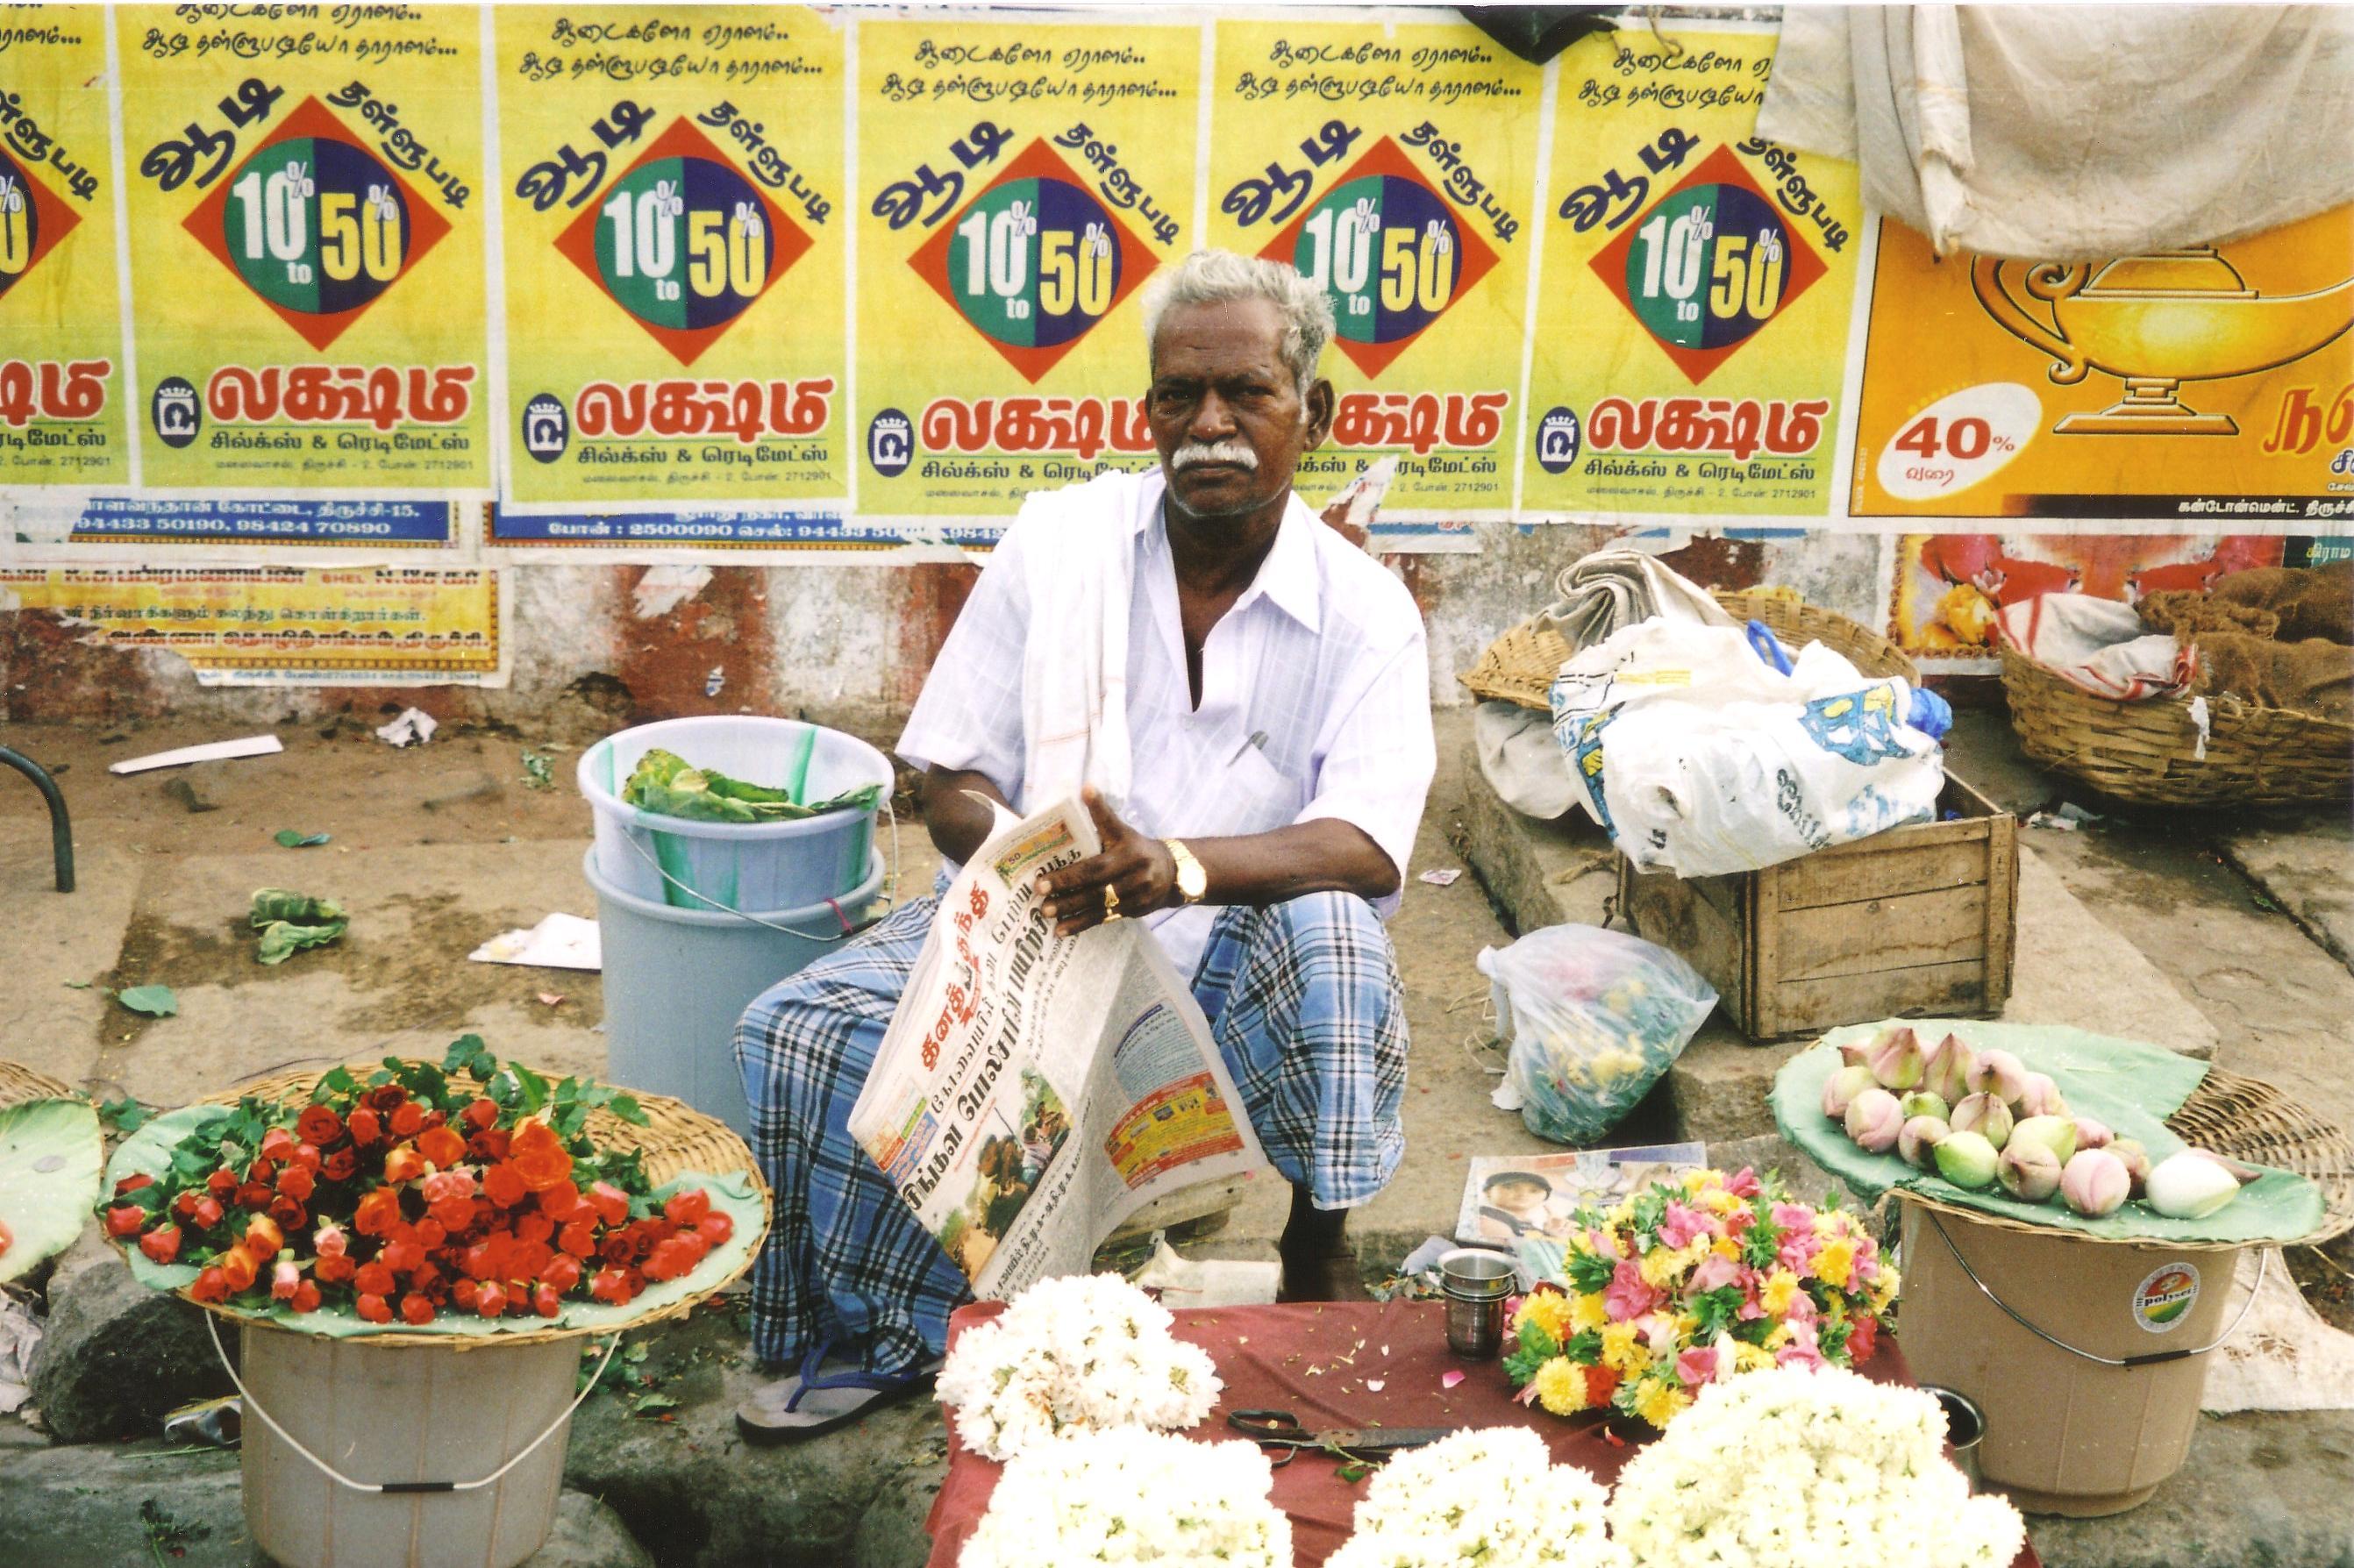 trichy garland seller